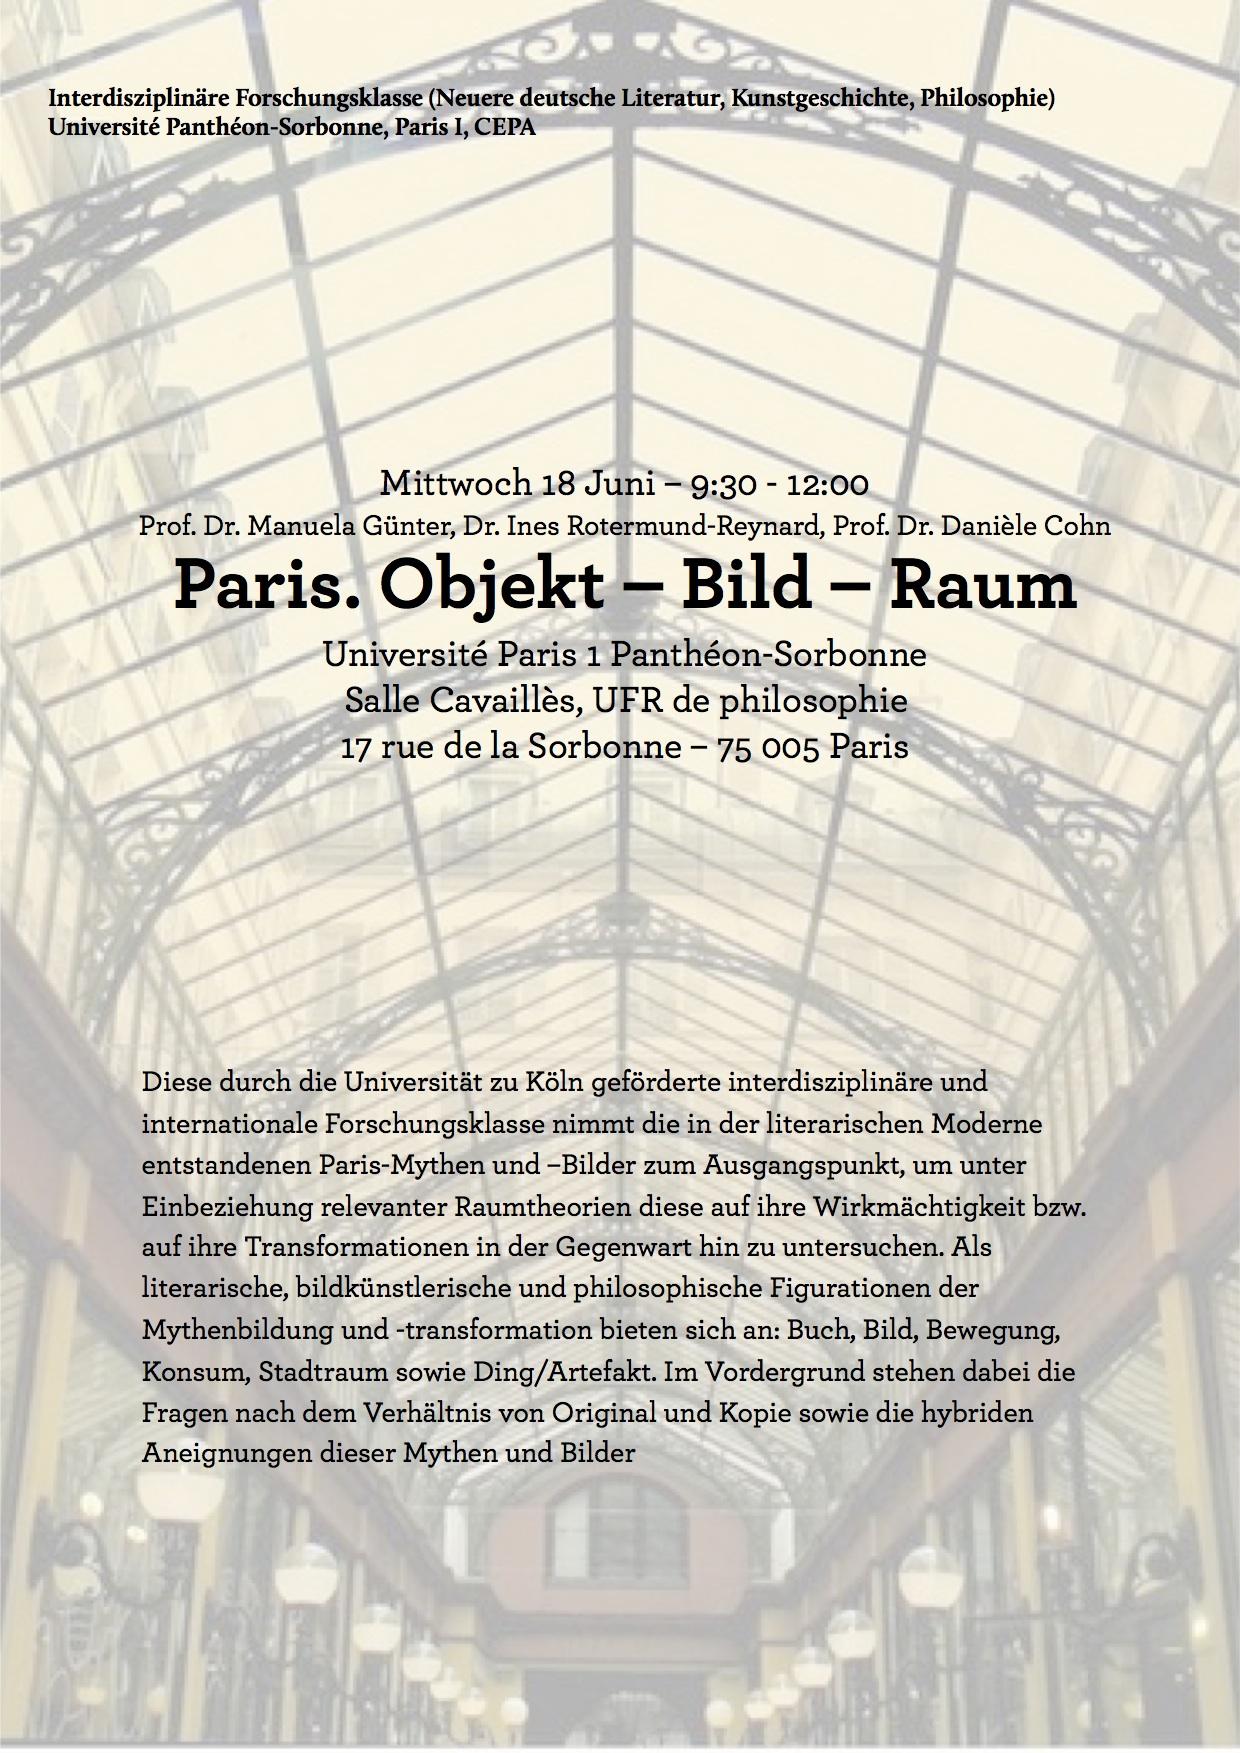 Paris. Objekt – Bild – Raum